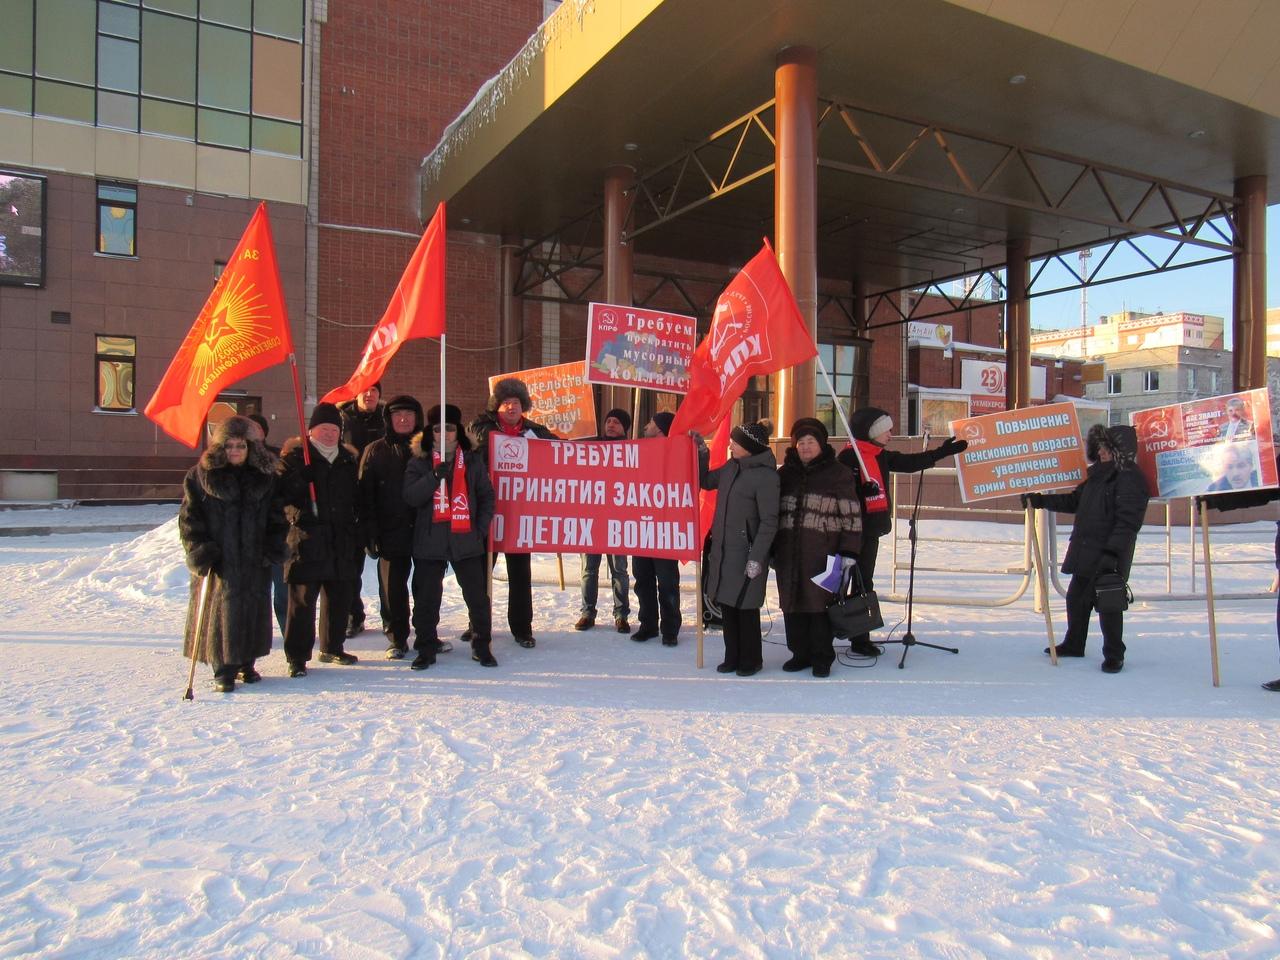 В Новом Уренгое  прошел митинг в честь 102-ой годовщины Великой Октябрьской социалистической революции